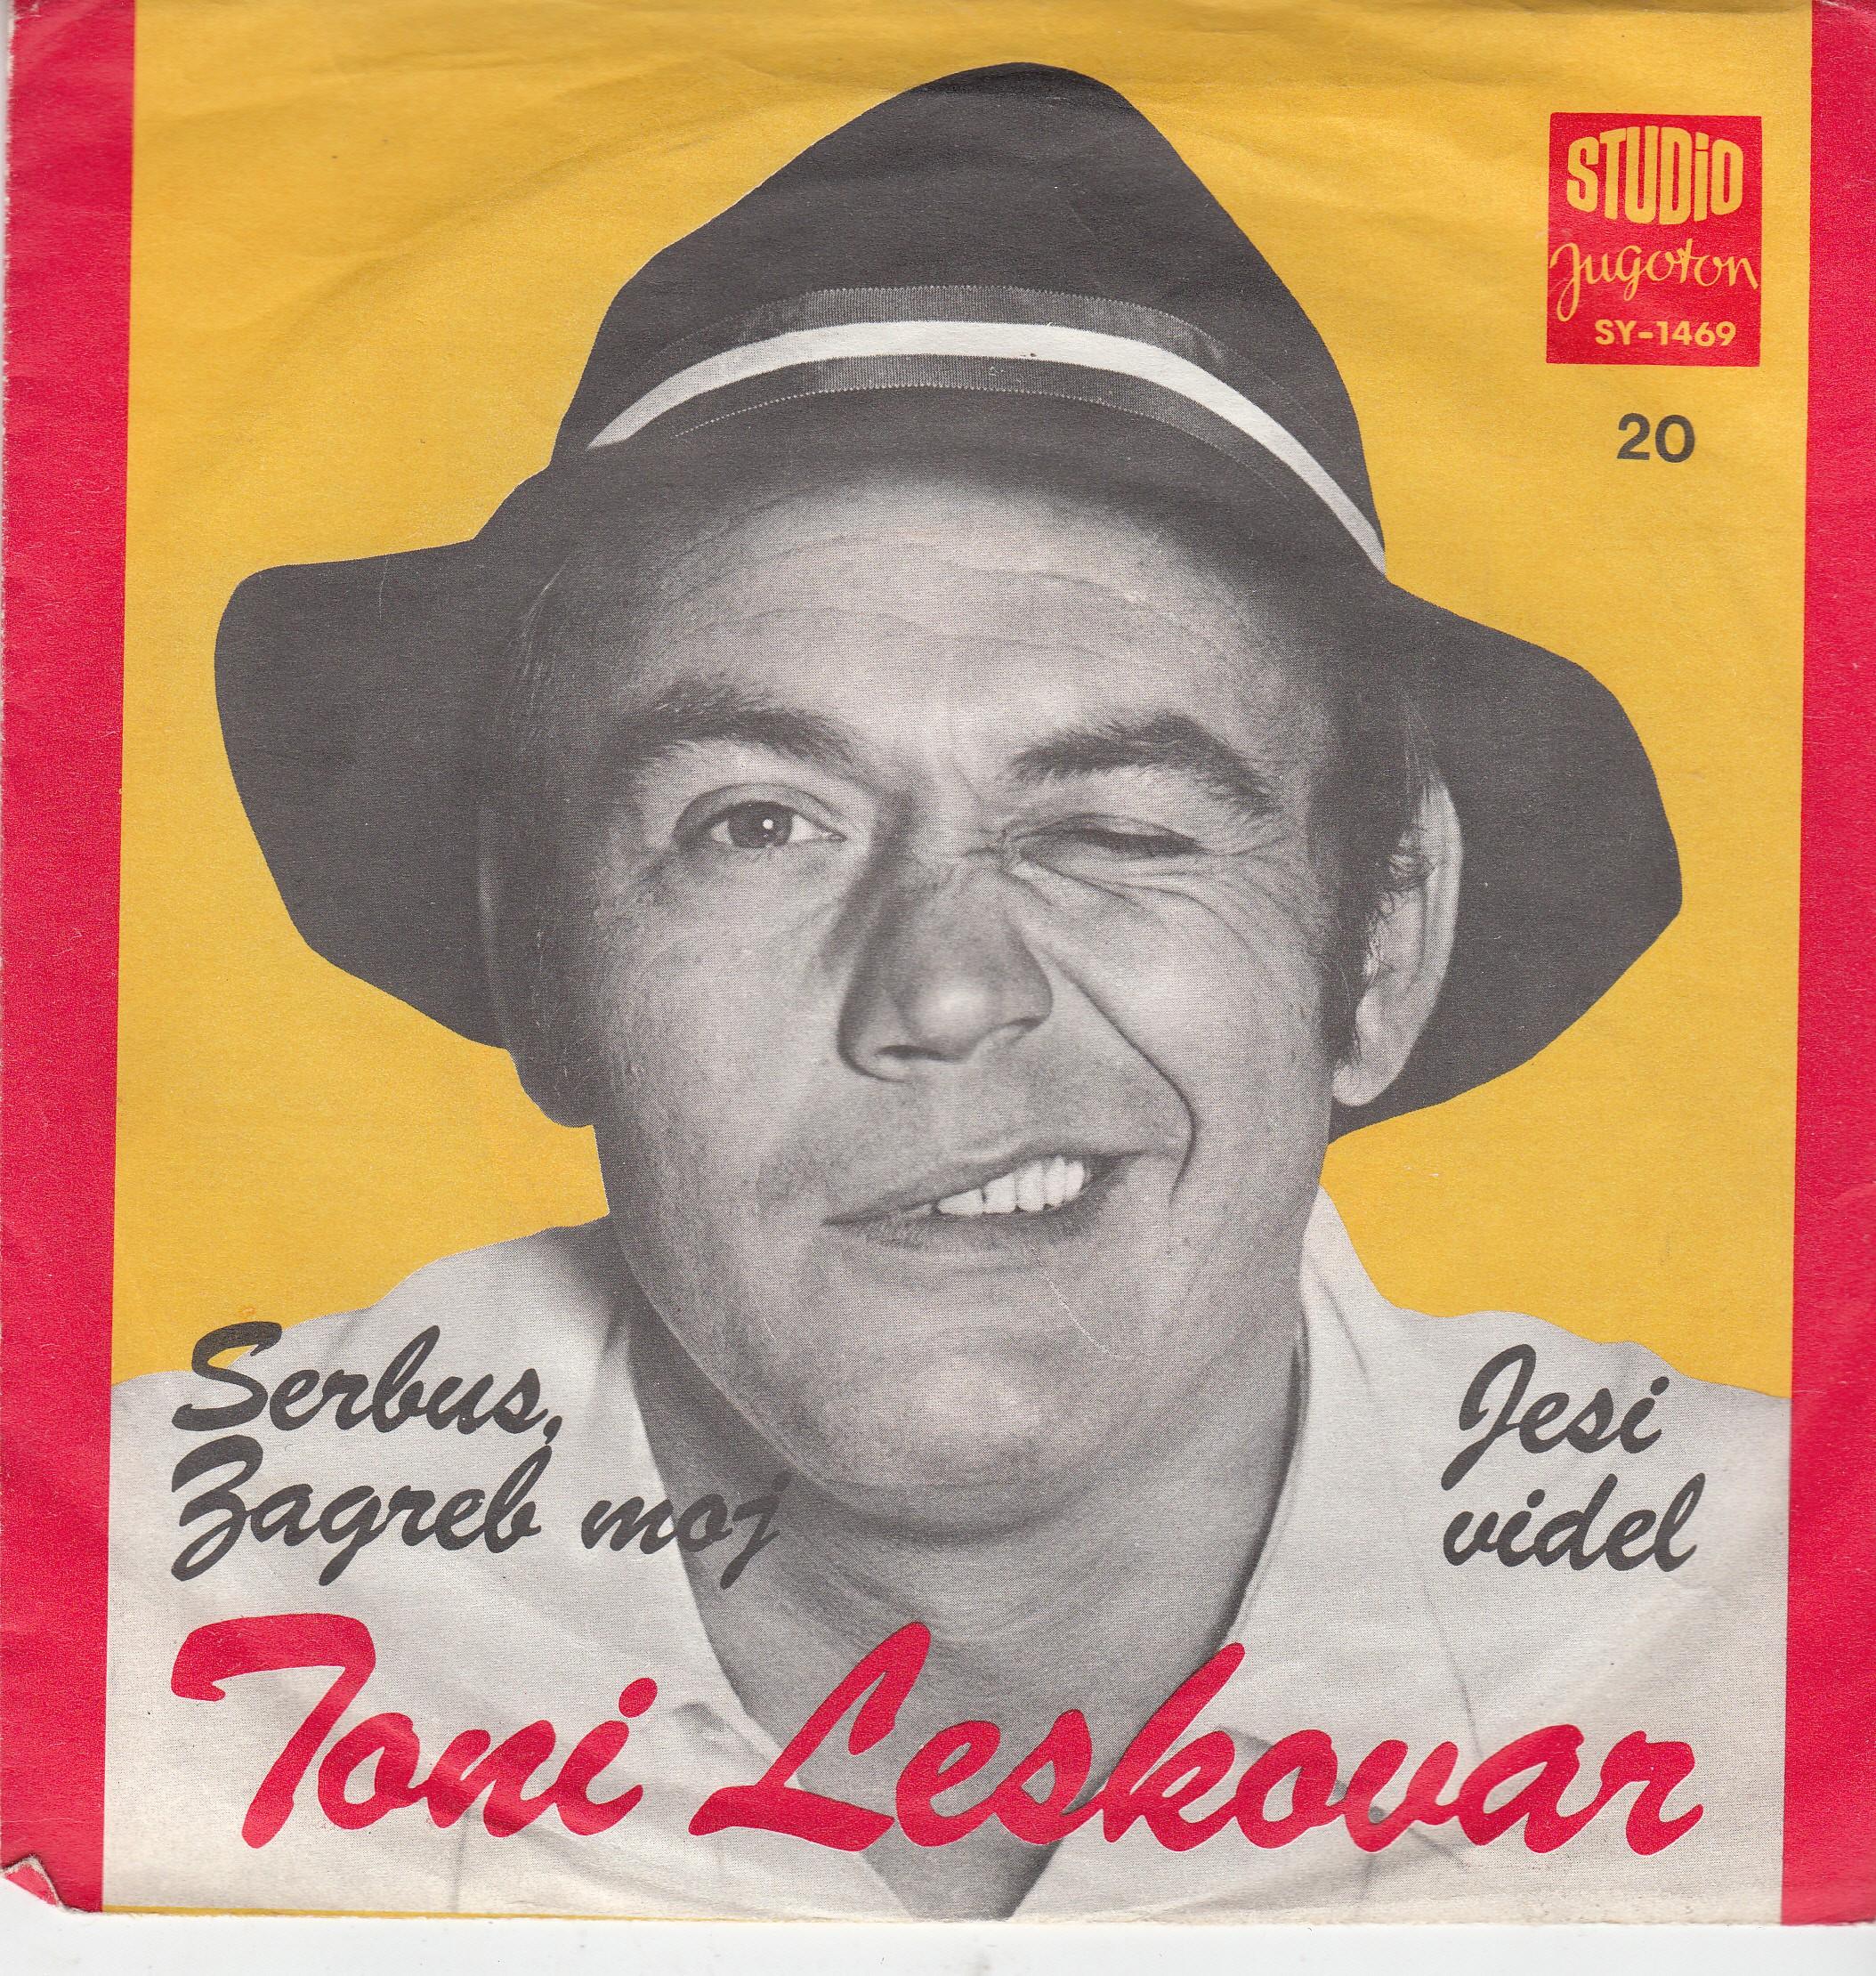 Leskovar Toni - Serbus Zagreb Moj/jesi Videl